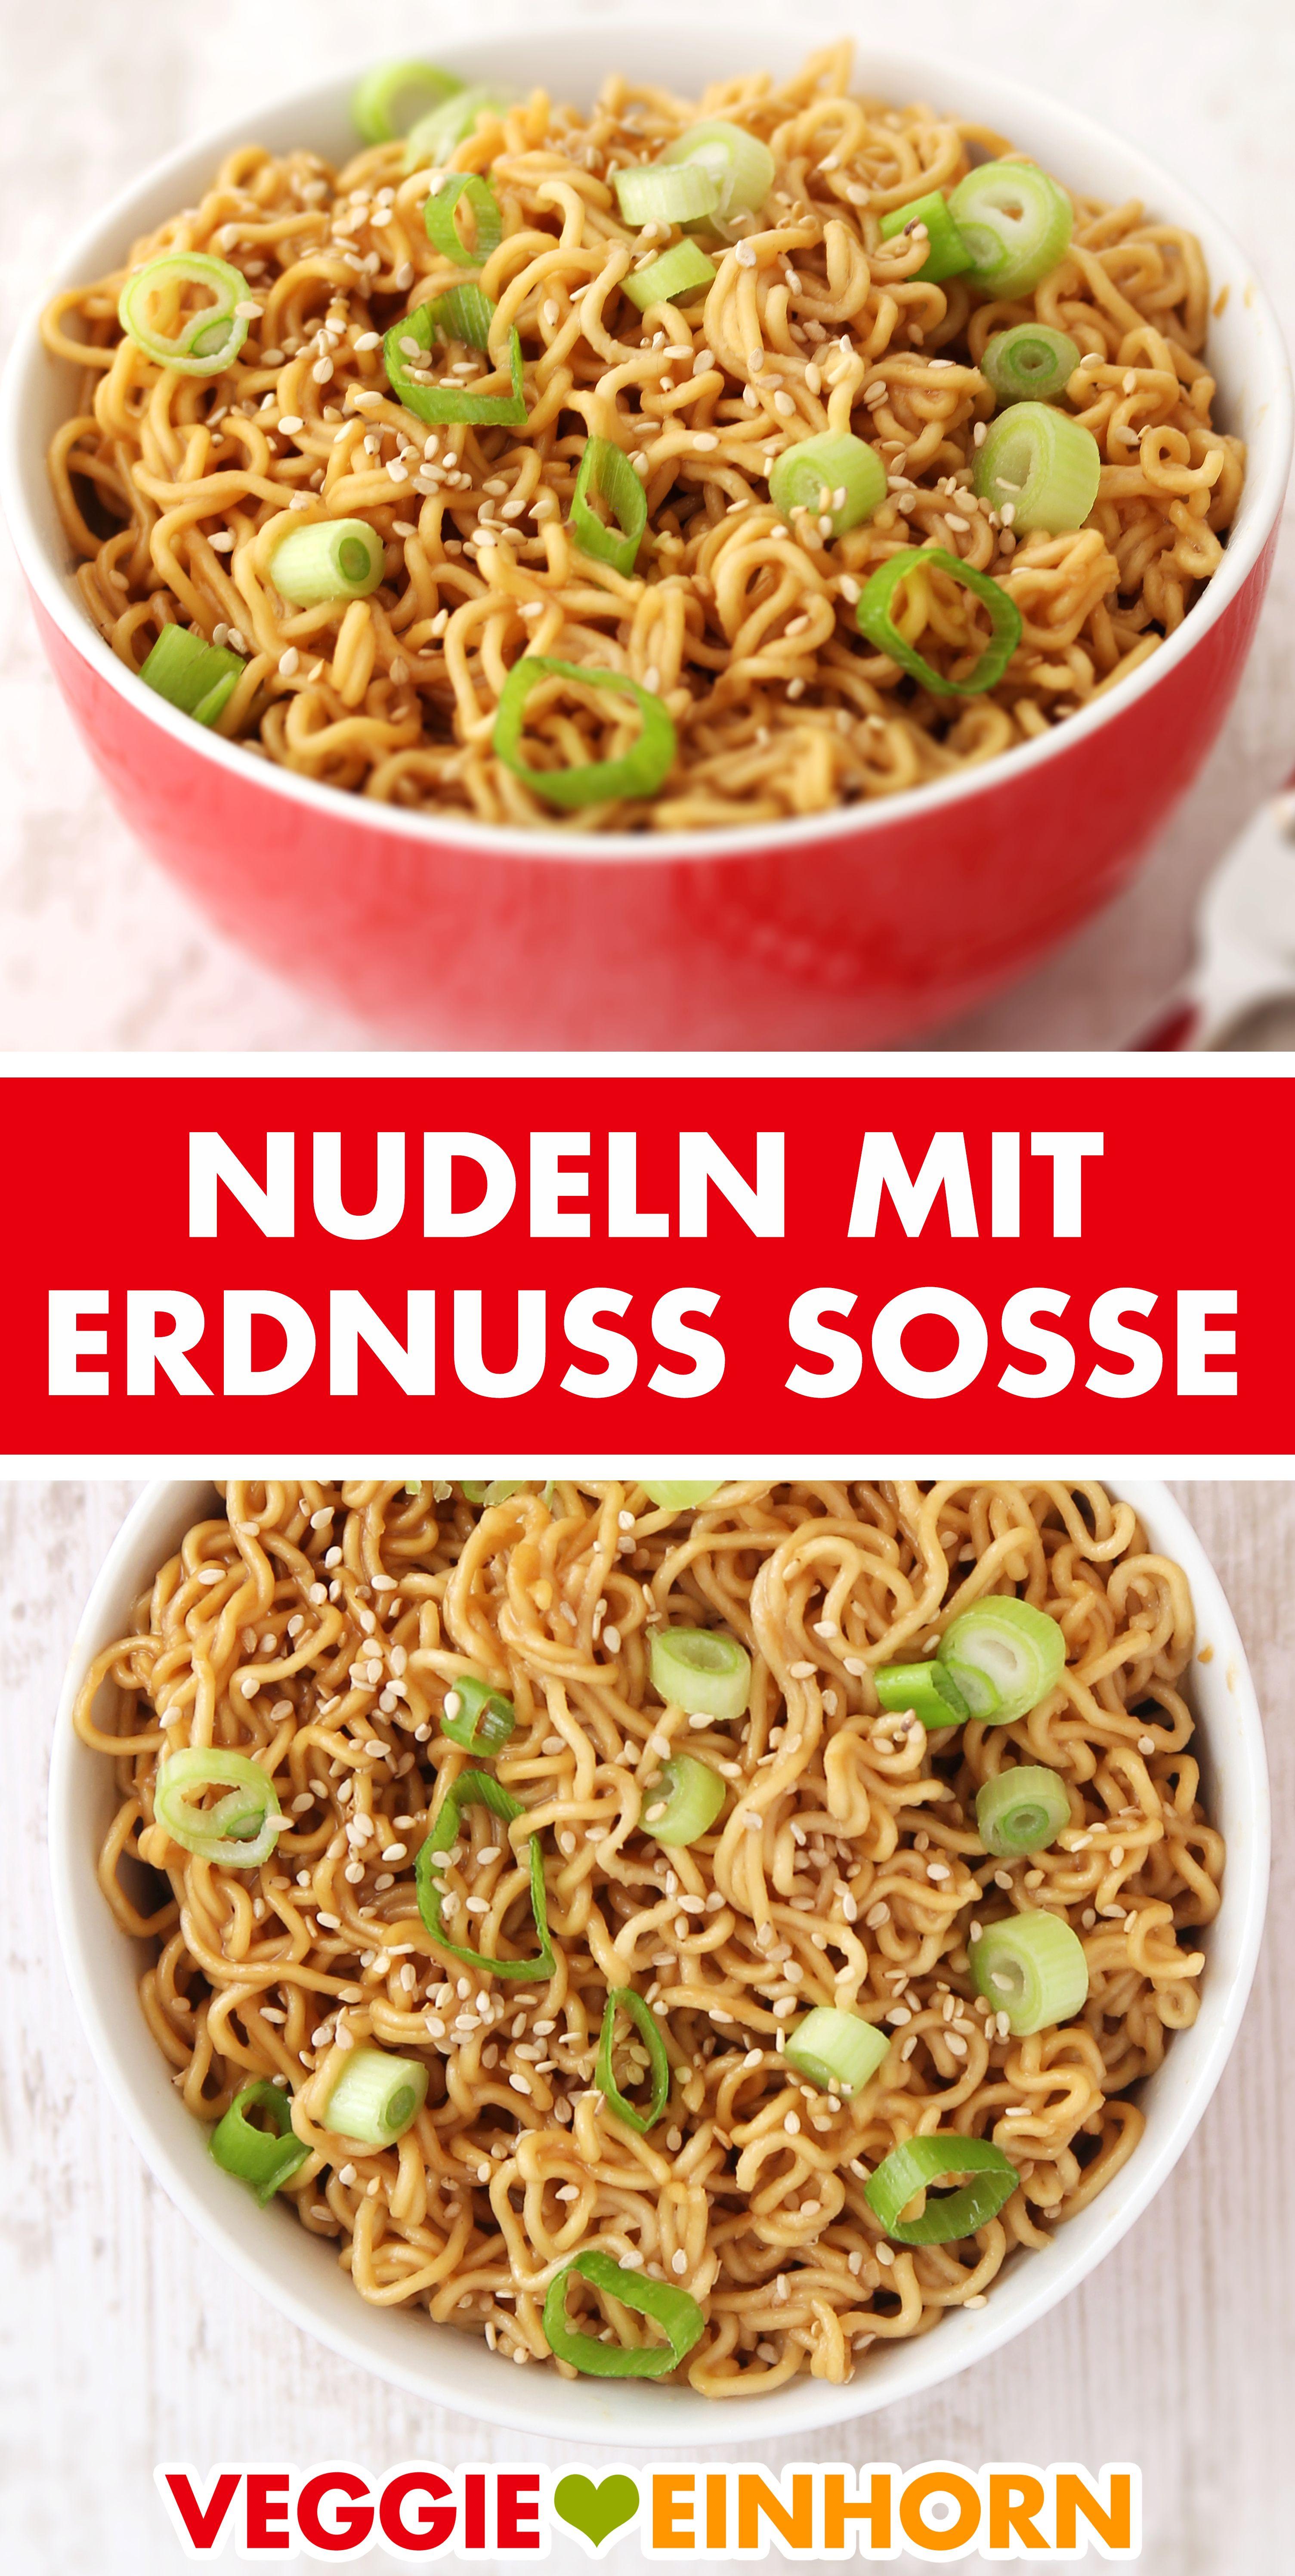 Einfache asiatische Nudeln mit Erdnuss Soße selber machen ▶ Schnell fertig in 15 Minuten!